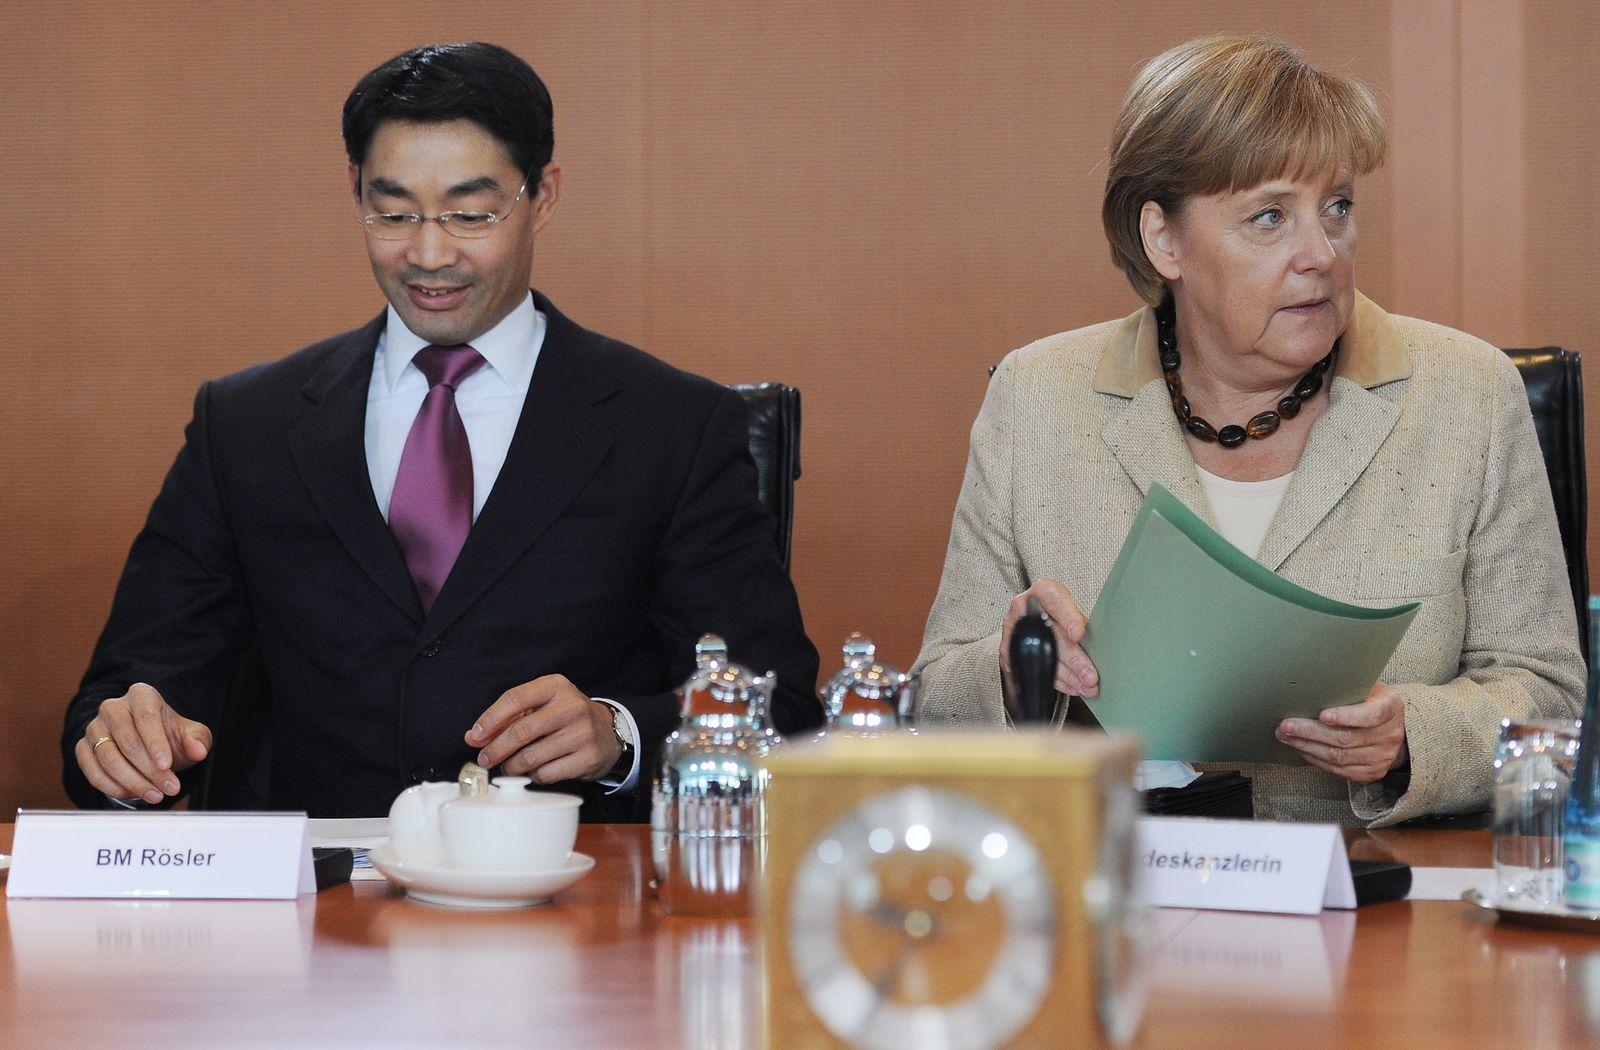 NICHT VERWENDEN Rösler / Merkel